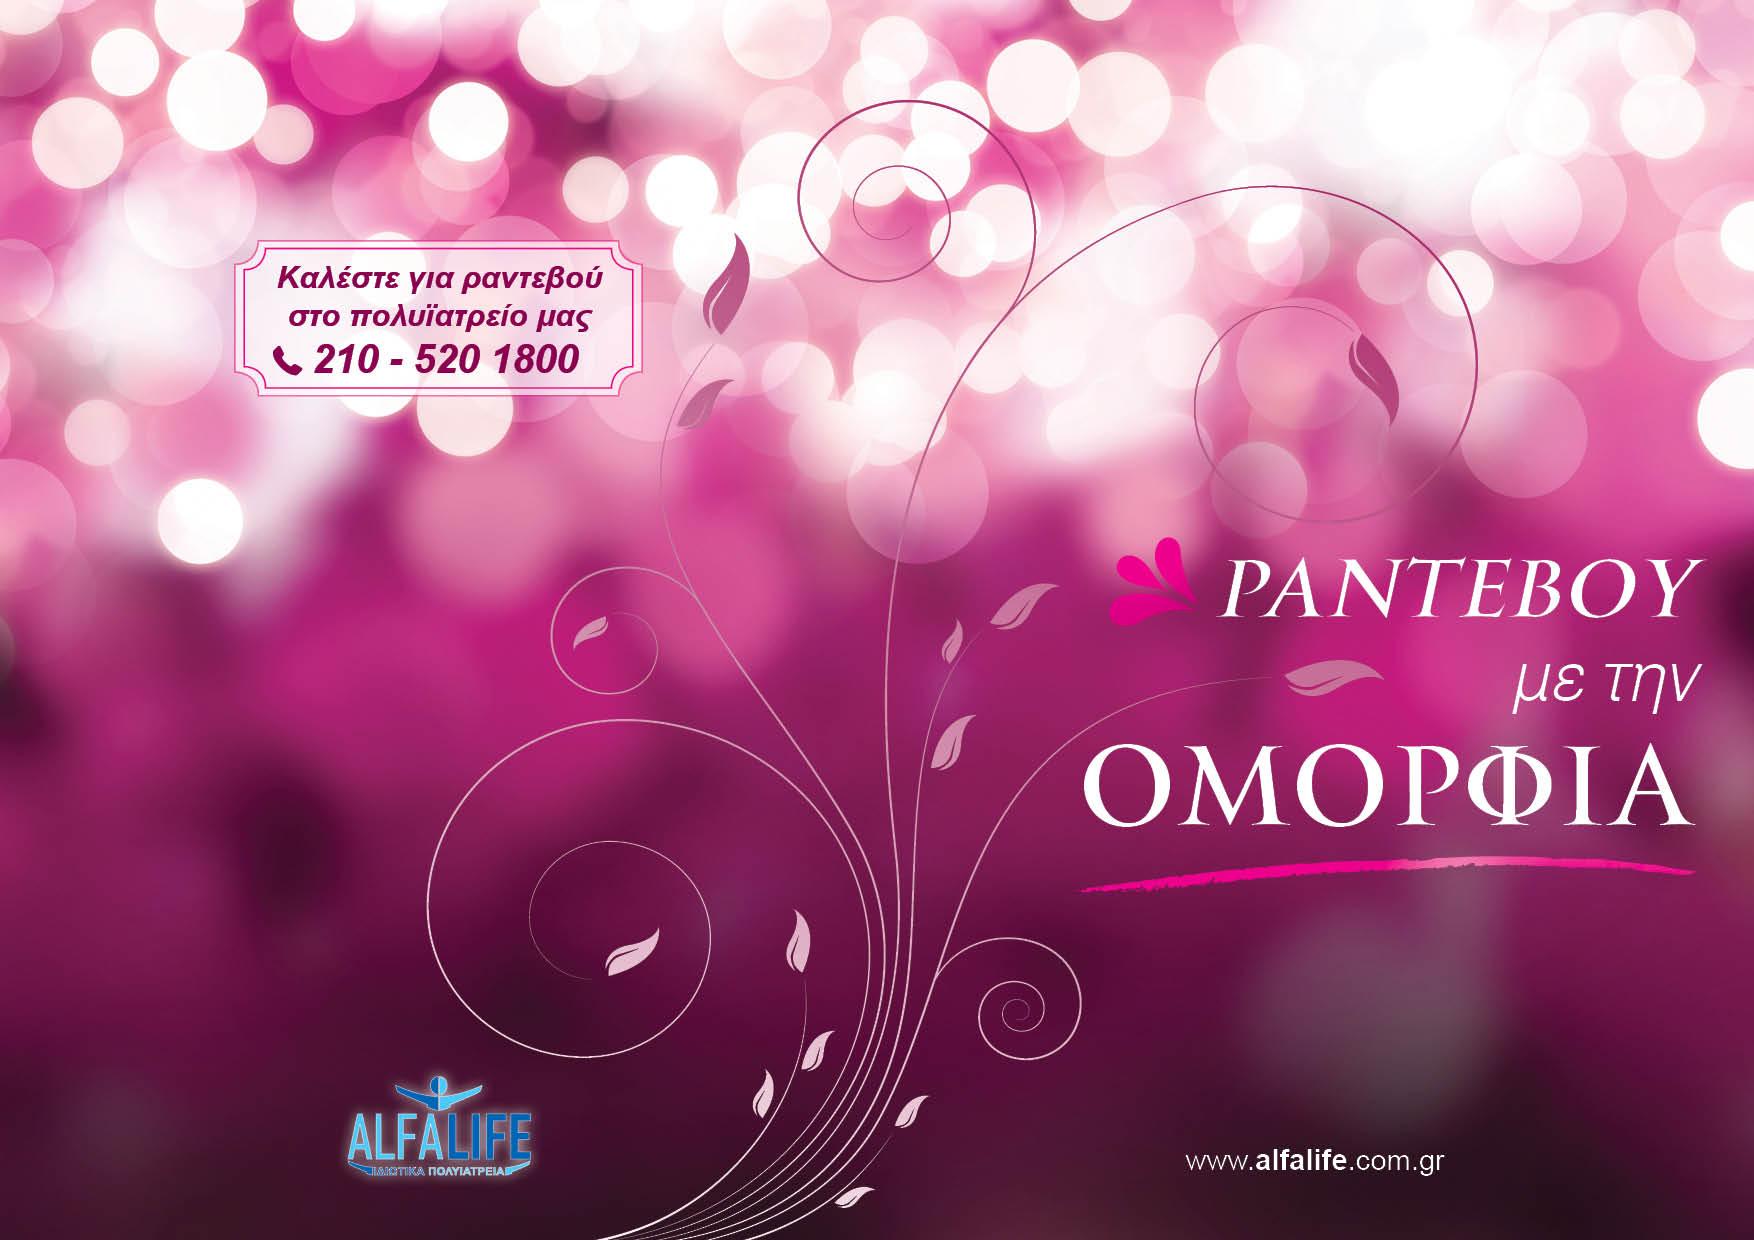 Alfa Life Omorfia